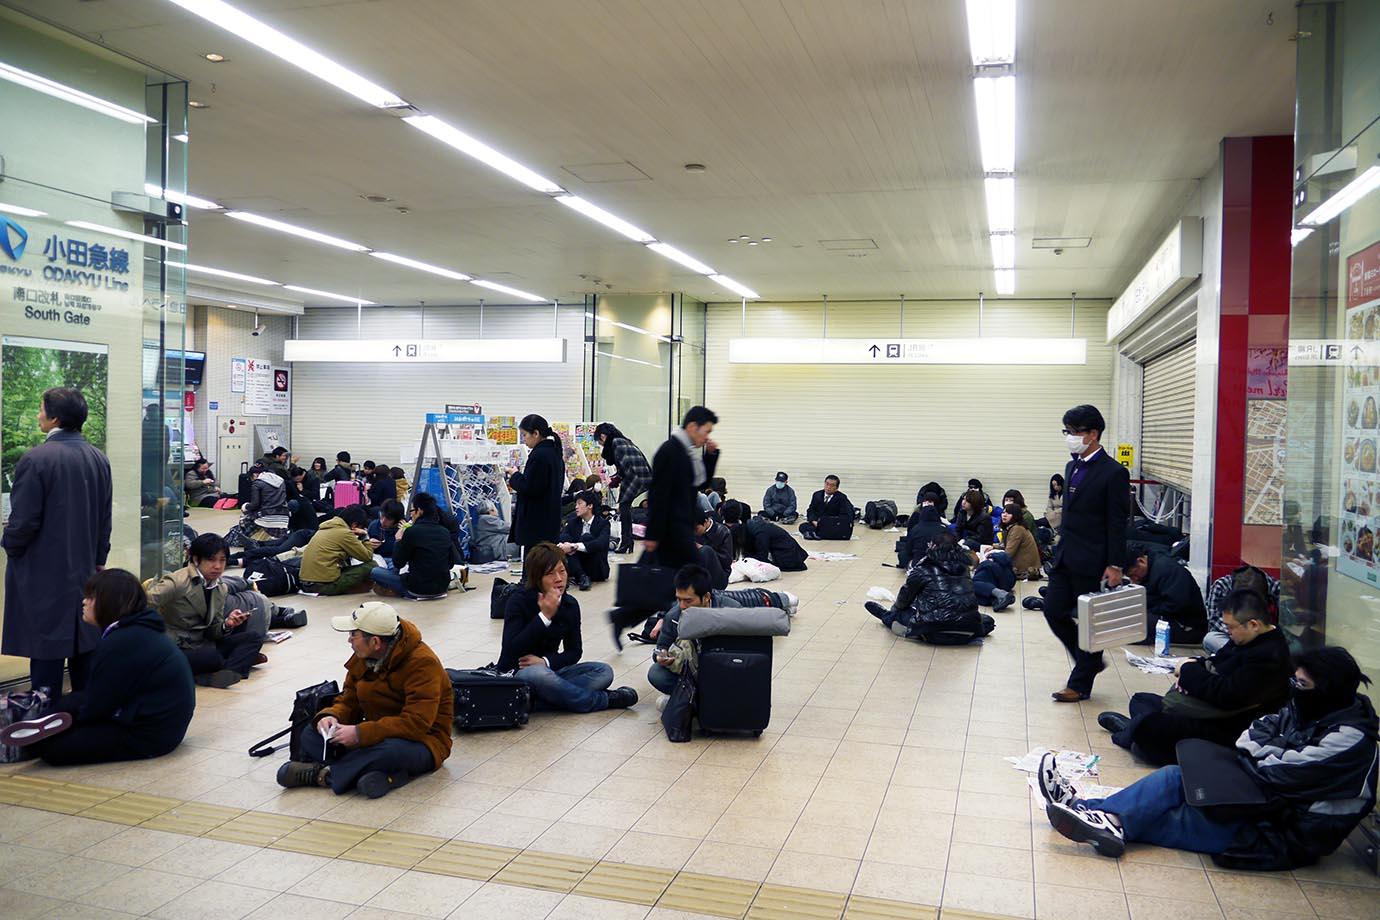 aftermath-tohoku-earthquake-station4